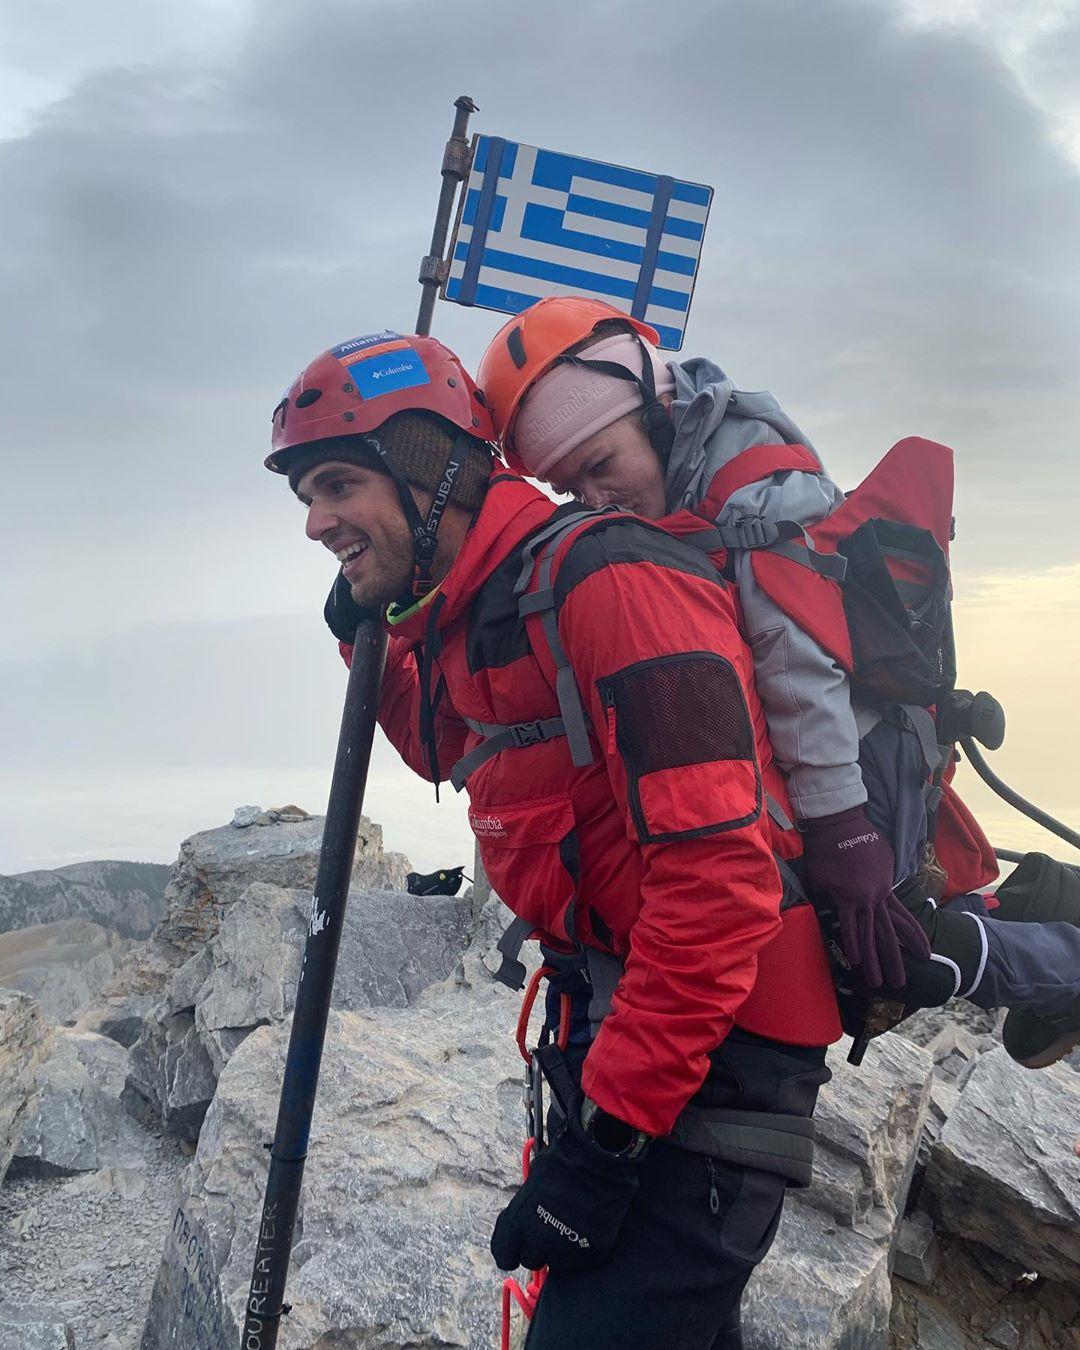 मीडिया रिपोर्टनुसार, 5ऑक्टोबर सकाळी9 वाजून 02 मिनिटांनी दोघंही Mount Olympusचं सर्वात उंच शिखरMount Mytikasवर पोहोचले.2,918 मीटर उंचीवरील शिखर त्यांनी फक्त दहा तासांत सर केल्याचं सांगतिलं जातं आहे.(फोटो सौजन्य - marios_giannakou/इन्स्टाग्राम)